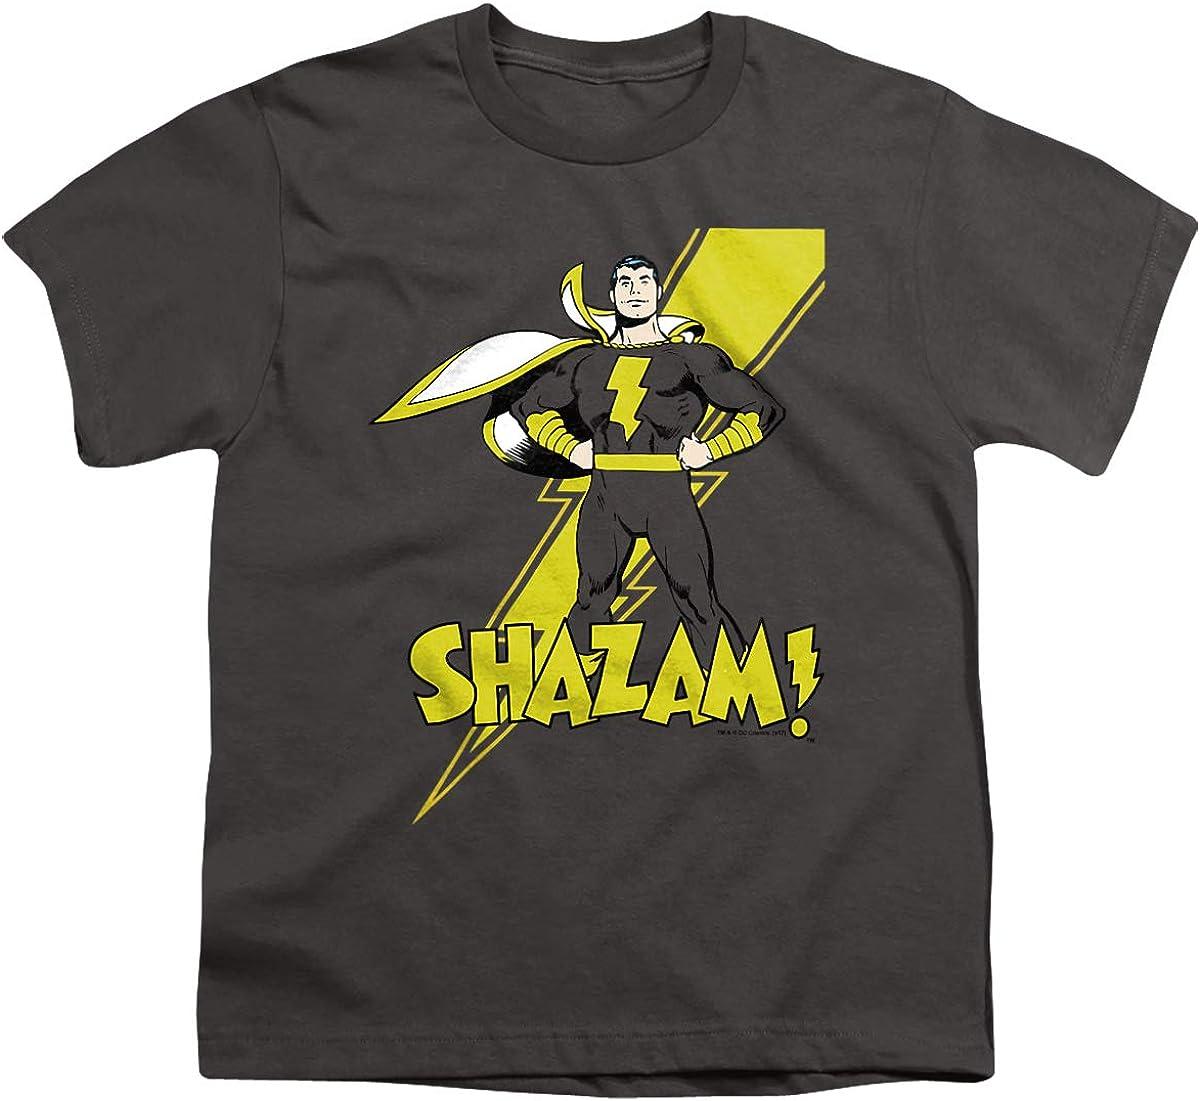 DC Shazam! Unisex Youth T Shirt, Charcoal, Medium